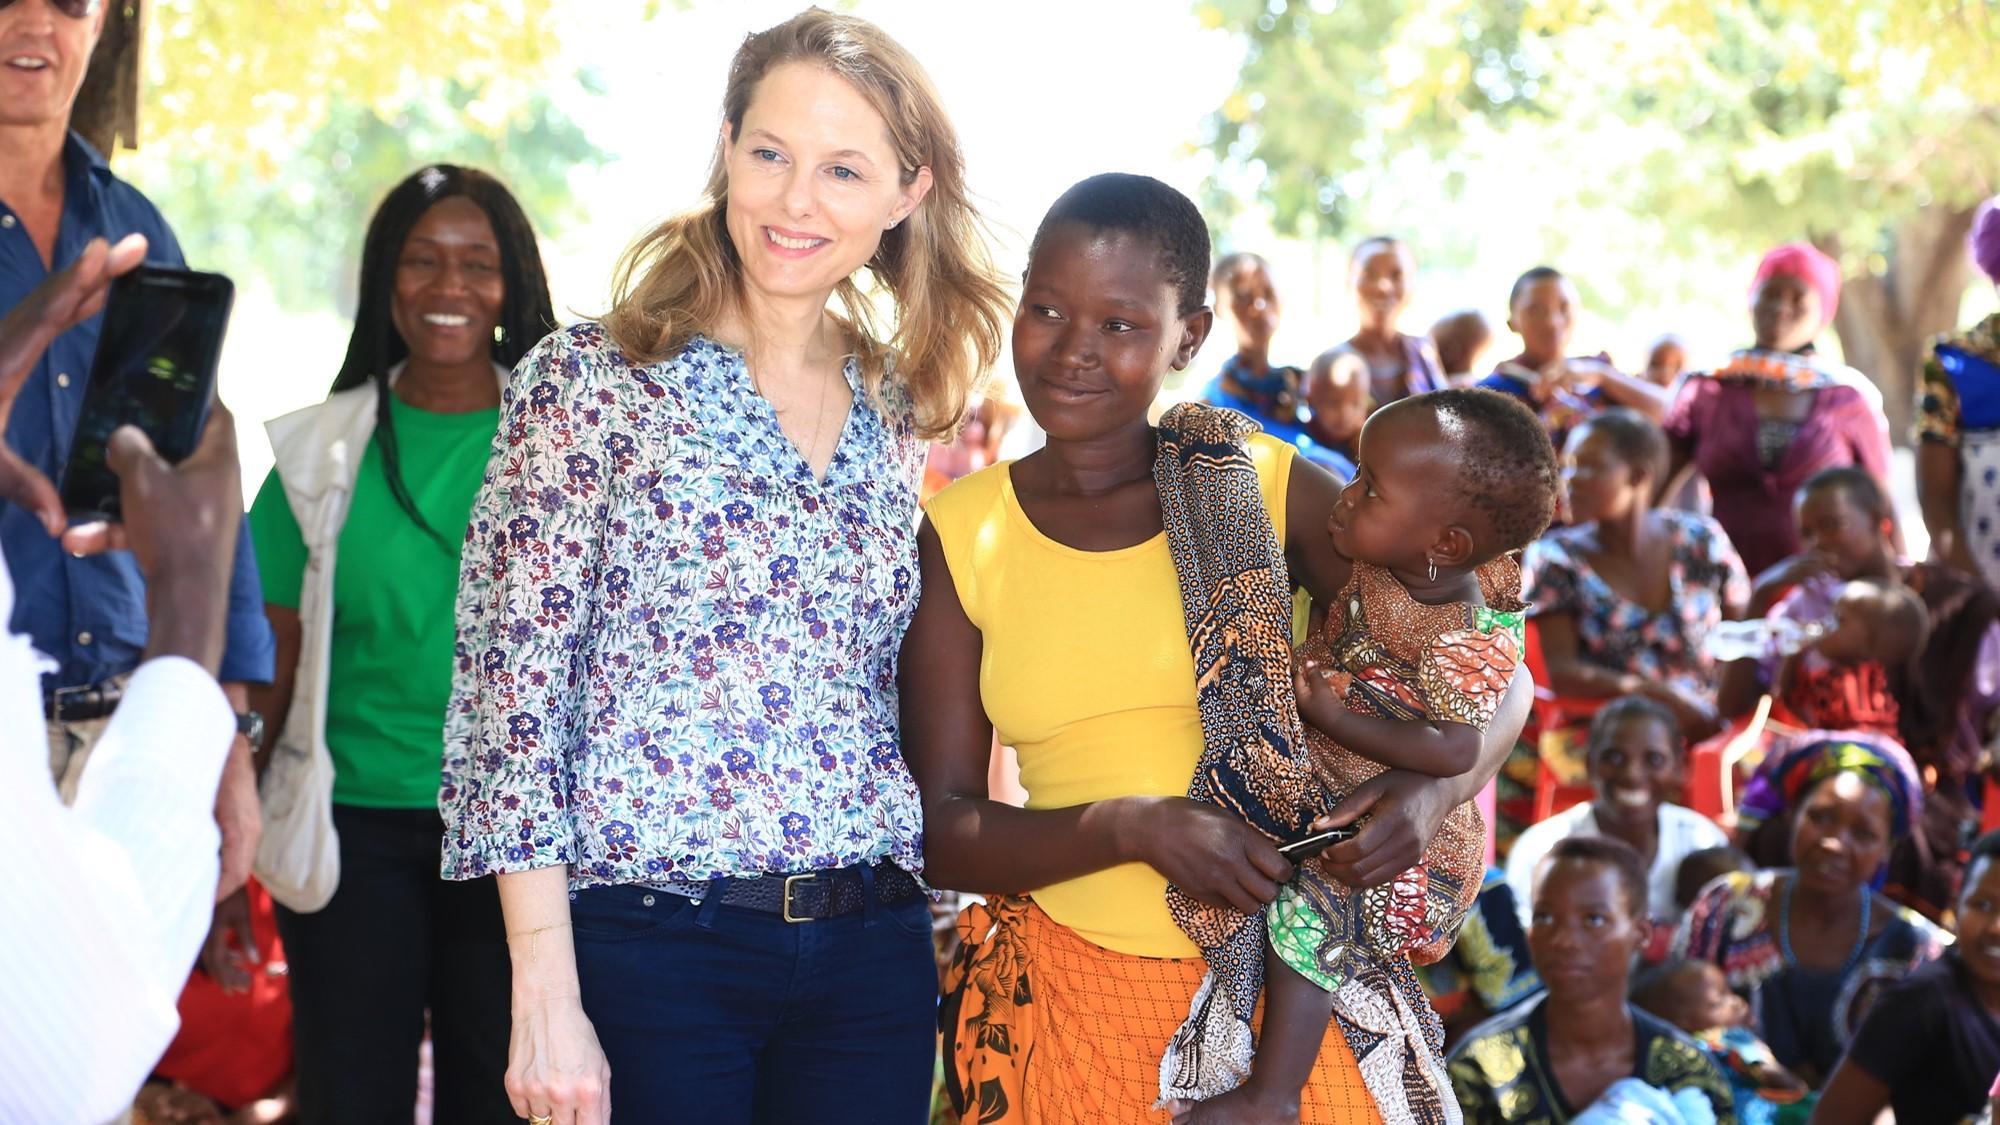 Her Royal Highness Princess Sarah Zeid